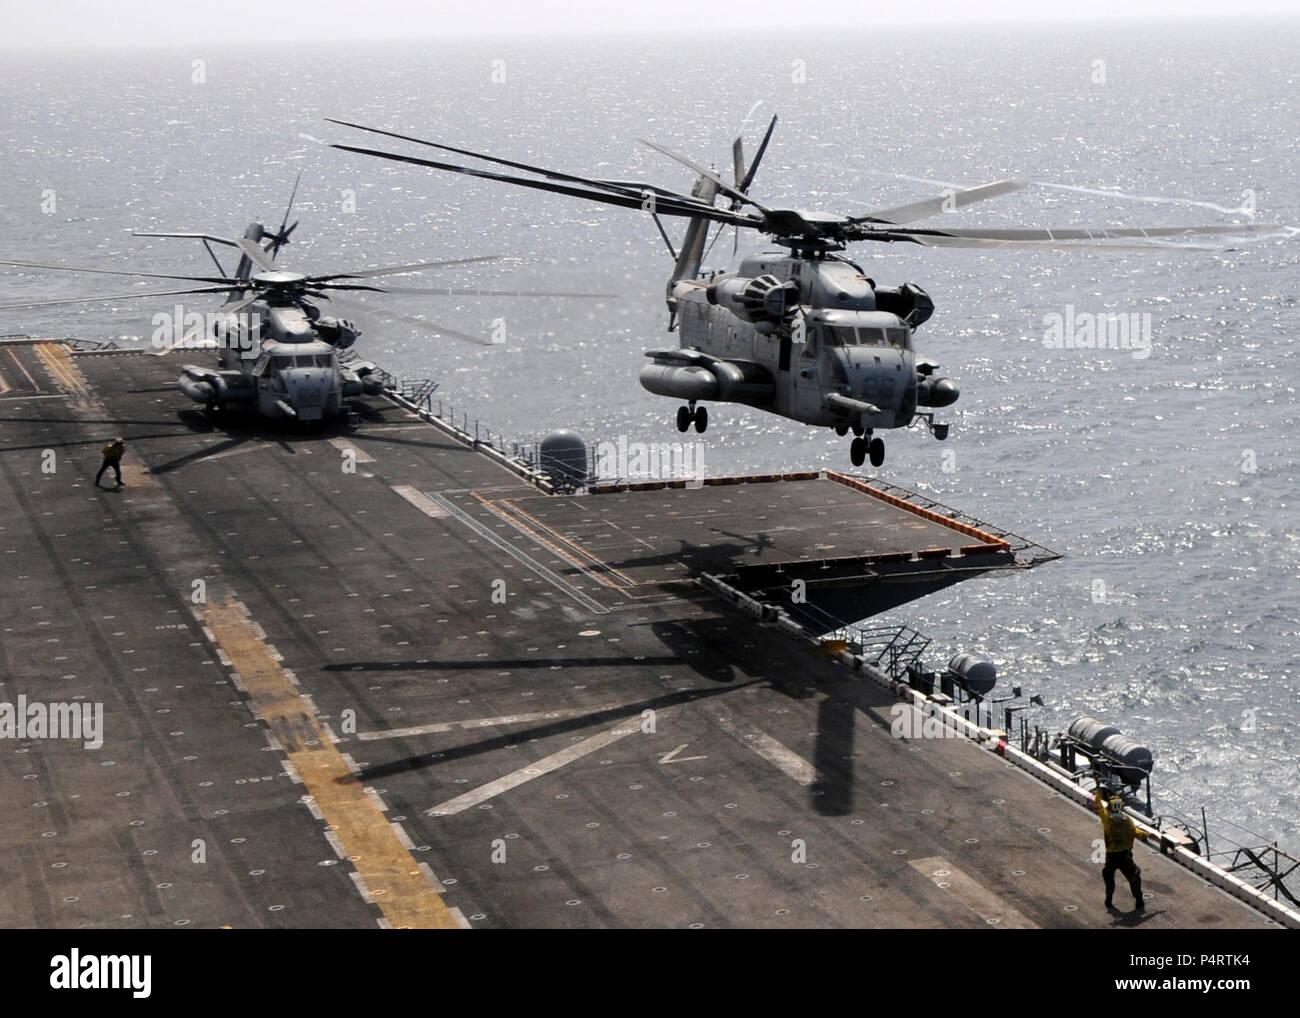 Un Cuerpo de Marines de EE.UU del tipo CH-53E Super Stallion helicóptero asignado al Escuadrón de Helicópteros Marinos mediano (HMM) 165 despega desde la cubierta de vuelo del USS Peleliu (LHA 5) con infantes de marina a bordo que prestará asistencia de socorro en caso de inundación en Pakistán el 12 de agosto de 2010, en el Mar Arábigo. Foto de stock